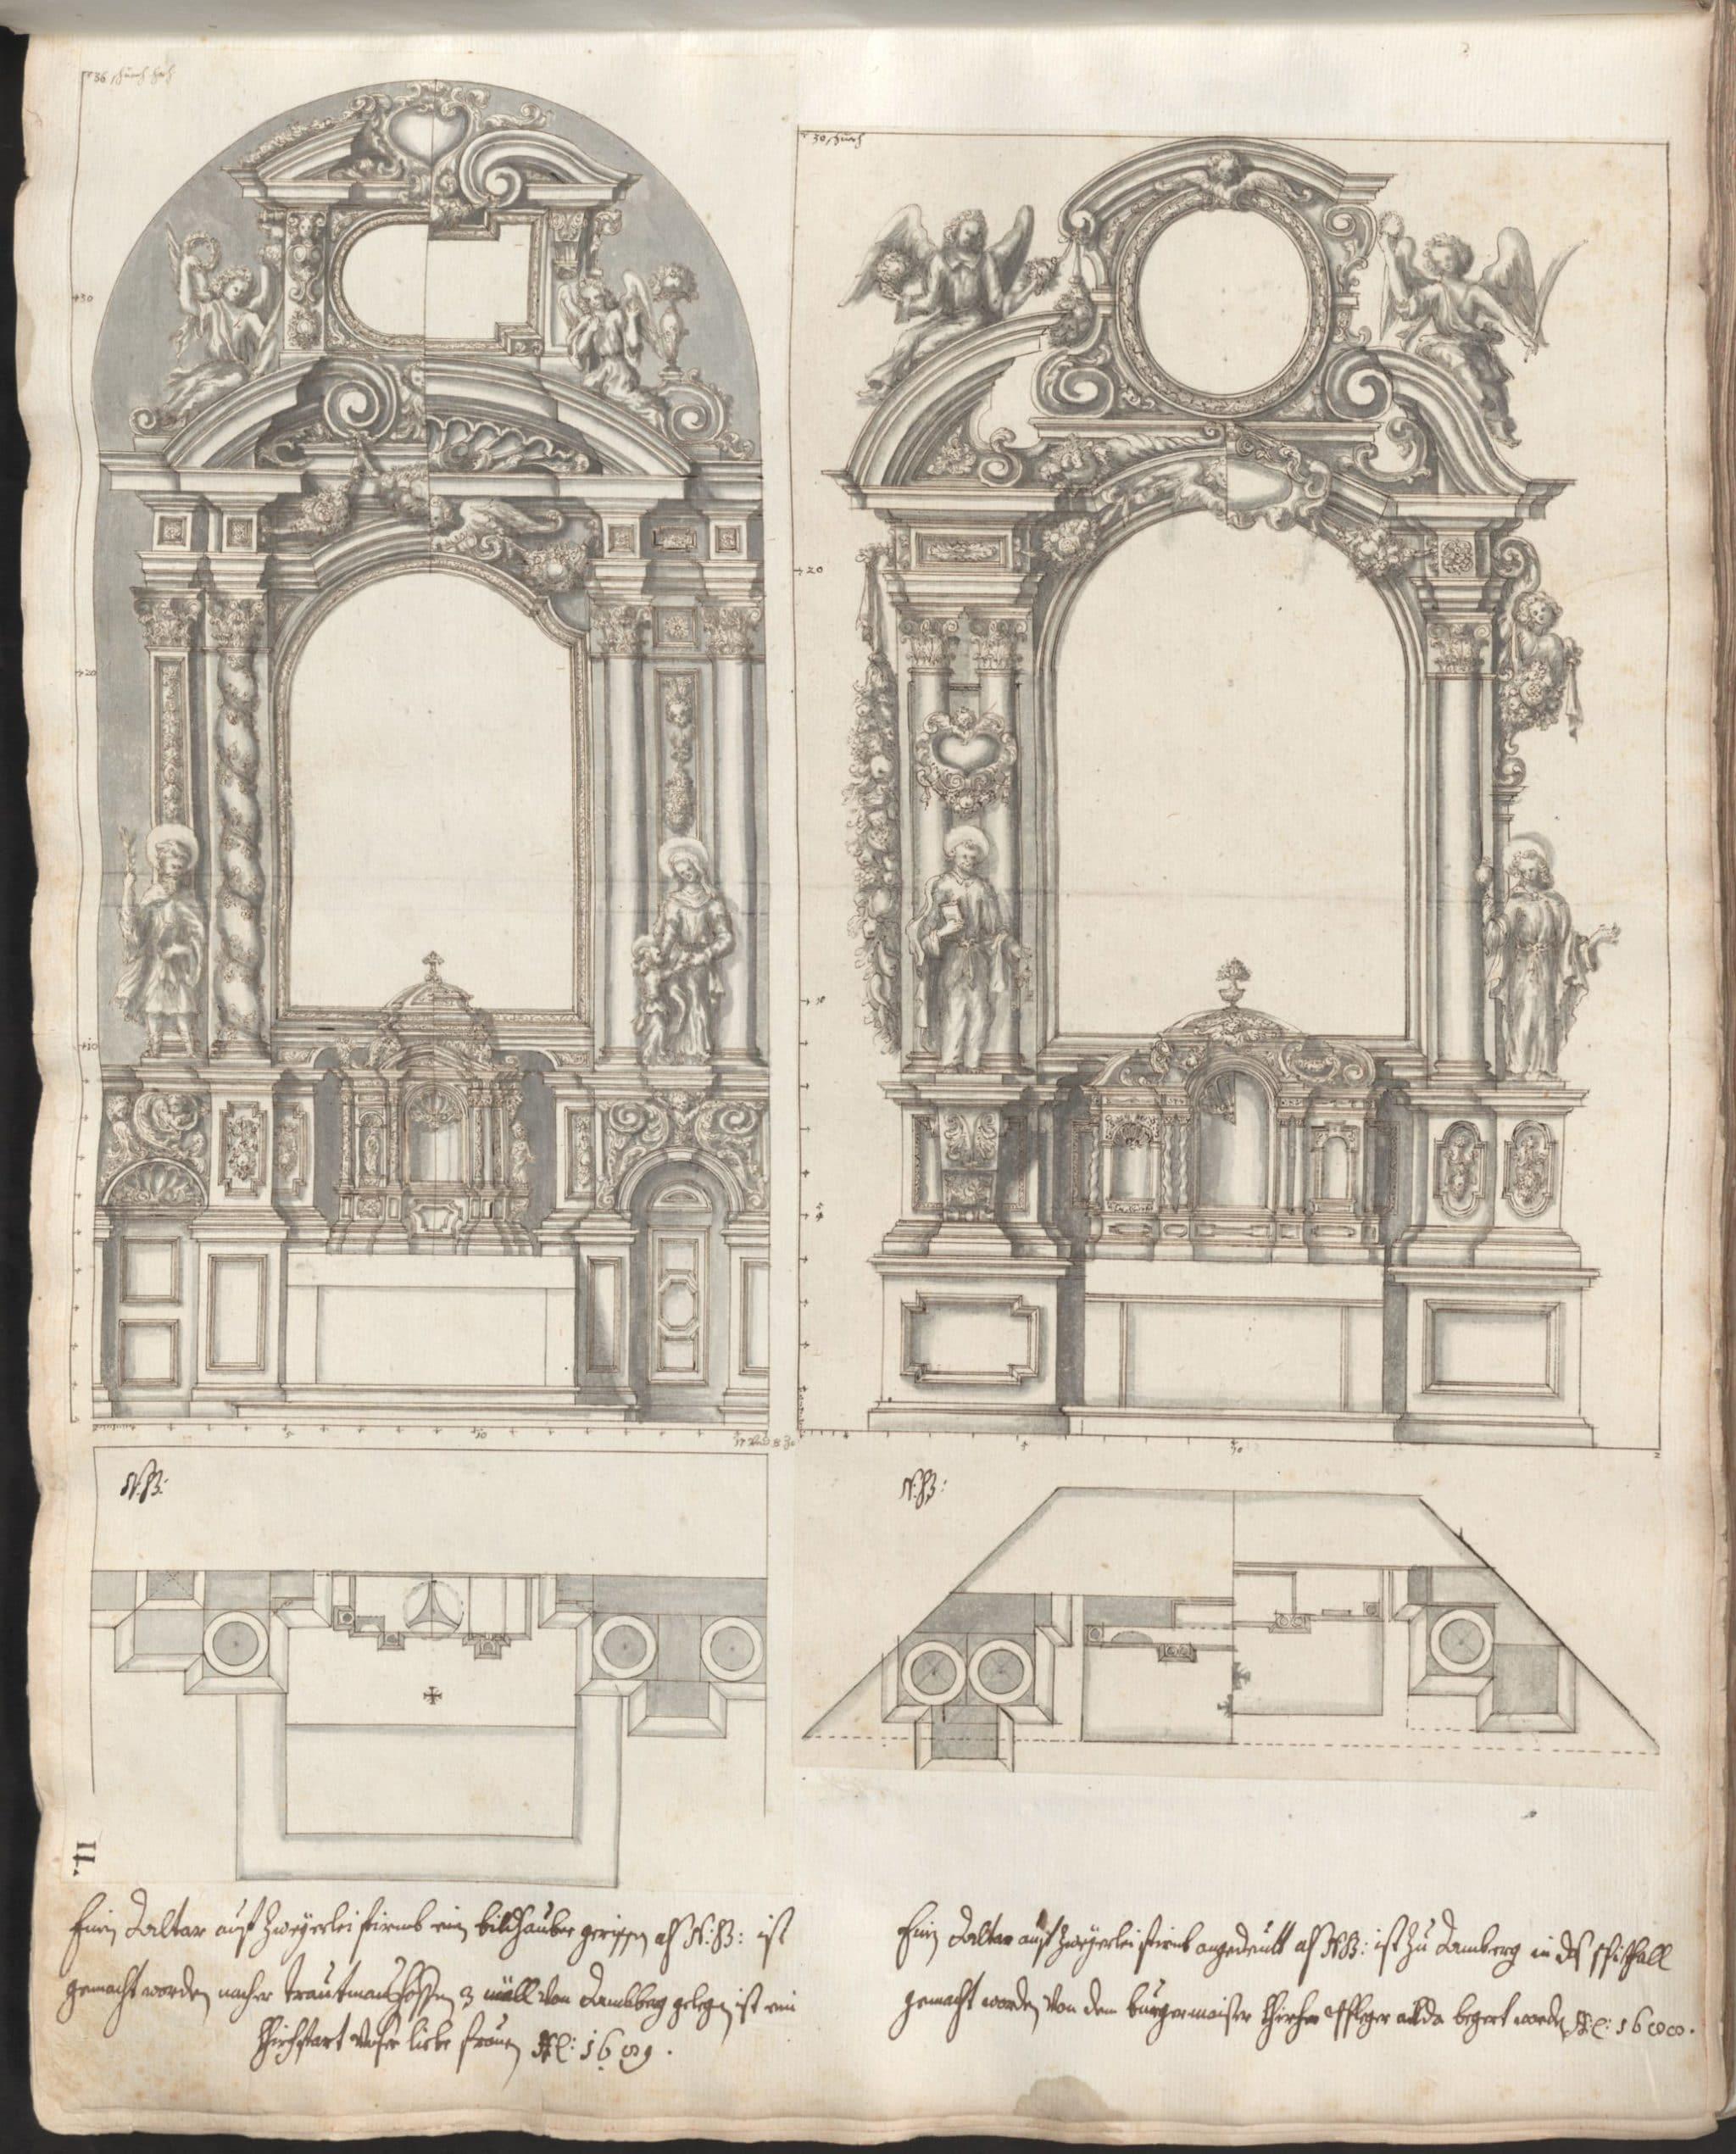 Altarentwürfe für die Marienwallfahrtskirche in Trautmannshofen/Opf. und das Spital in Amberg/Opf. (11r )